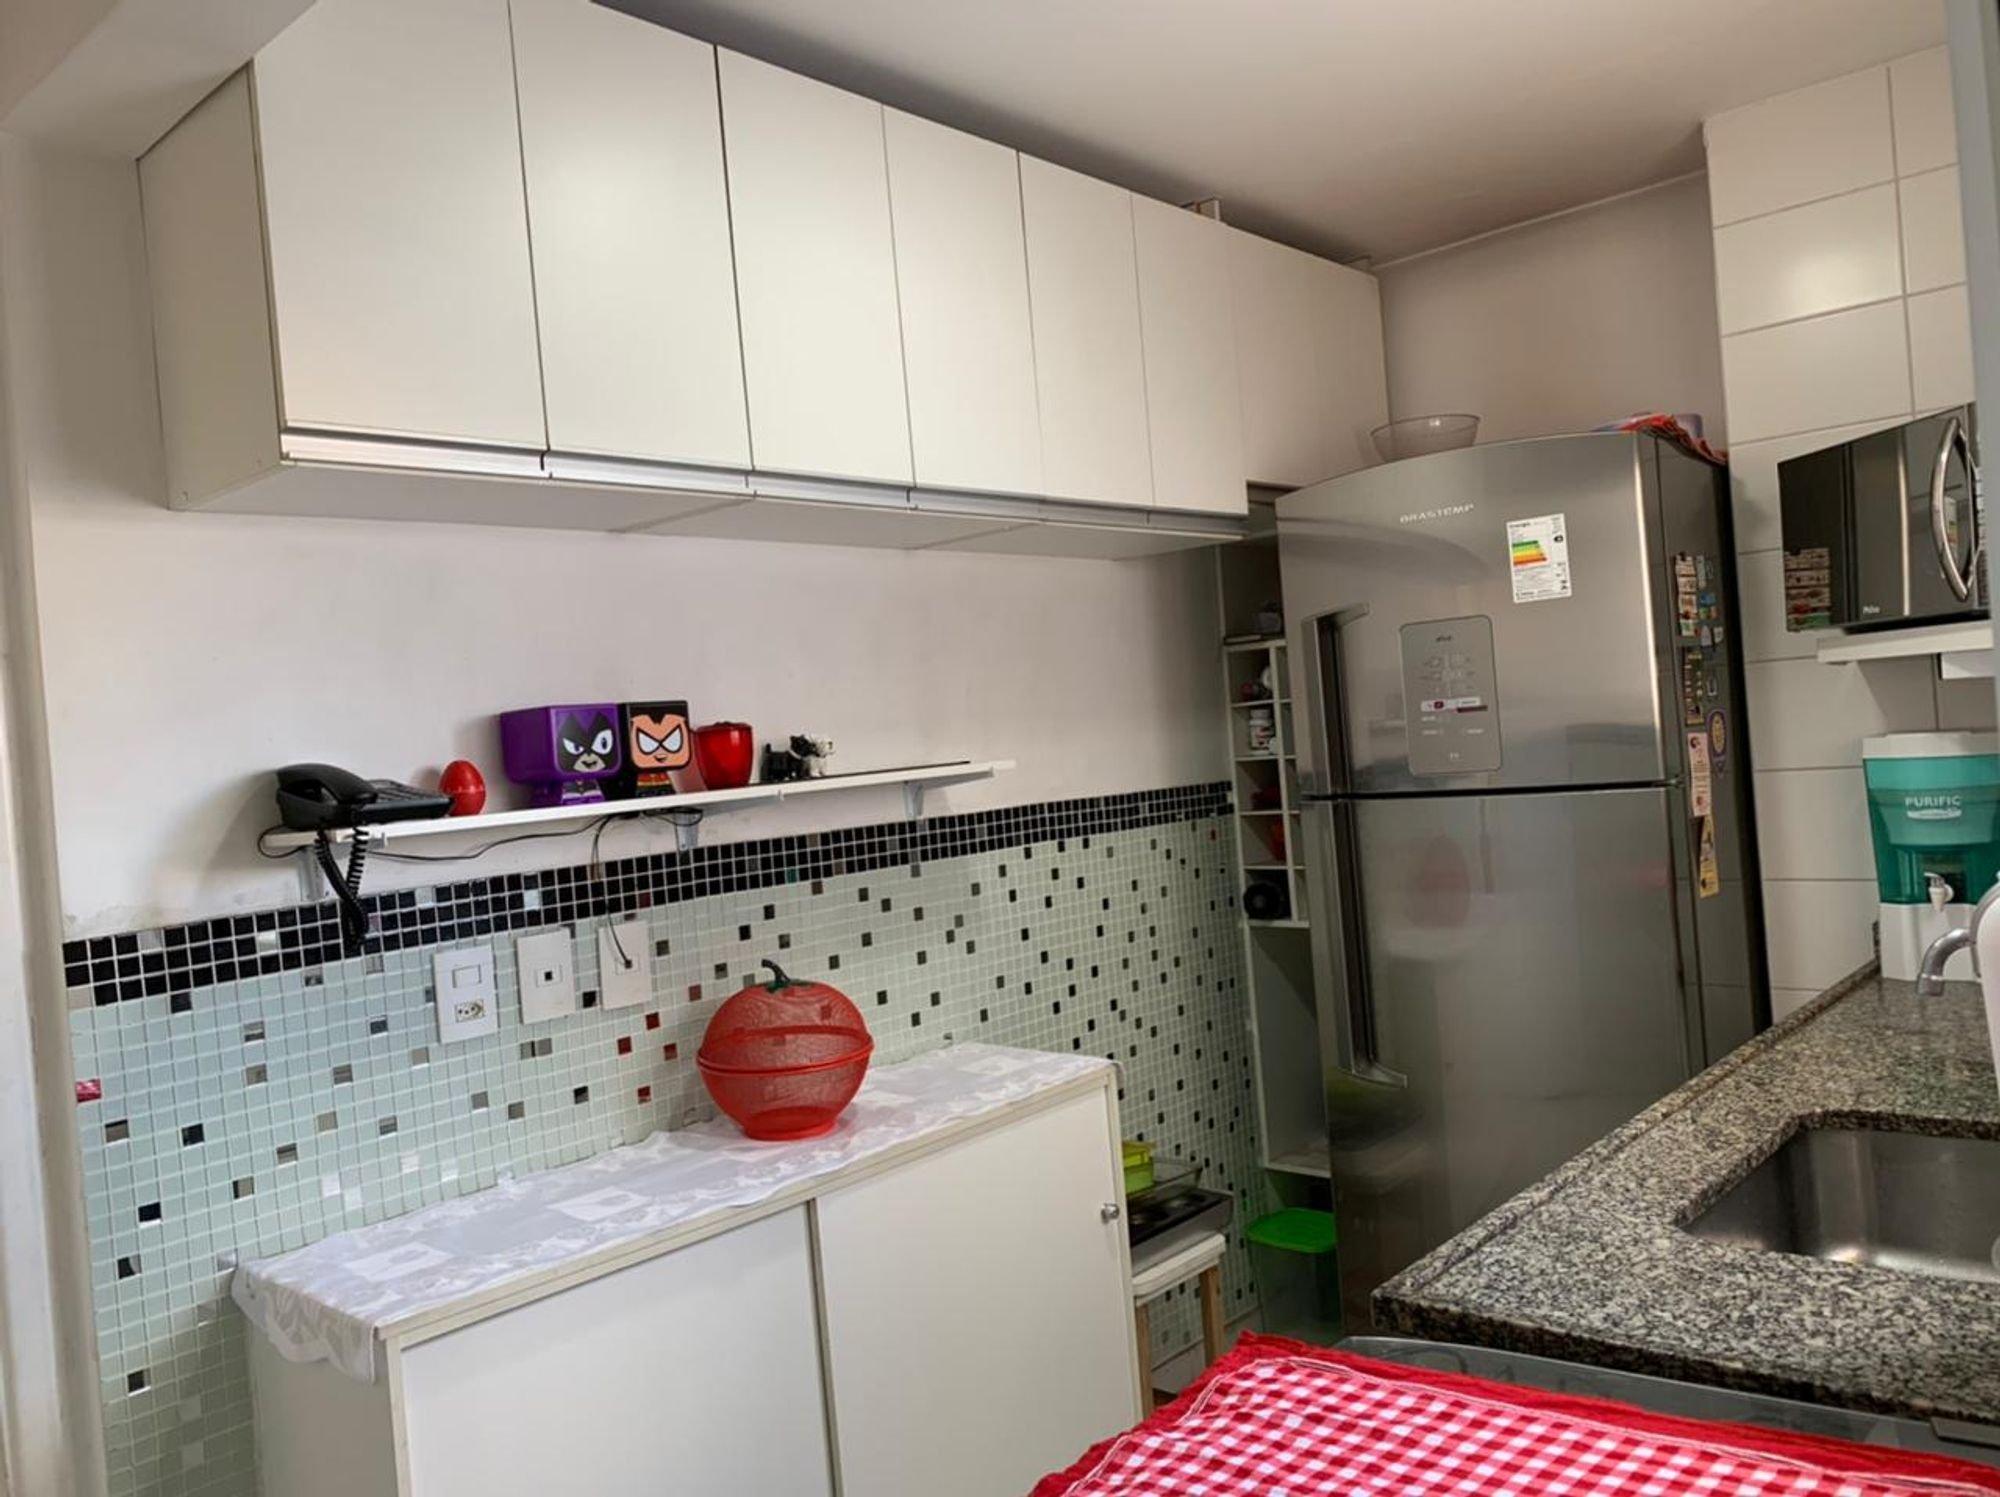 Foto de Cozinha com geladeira, pia, microondas, xícara